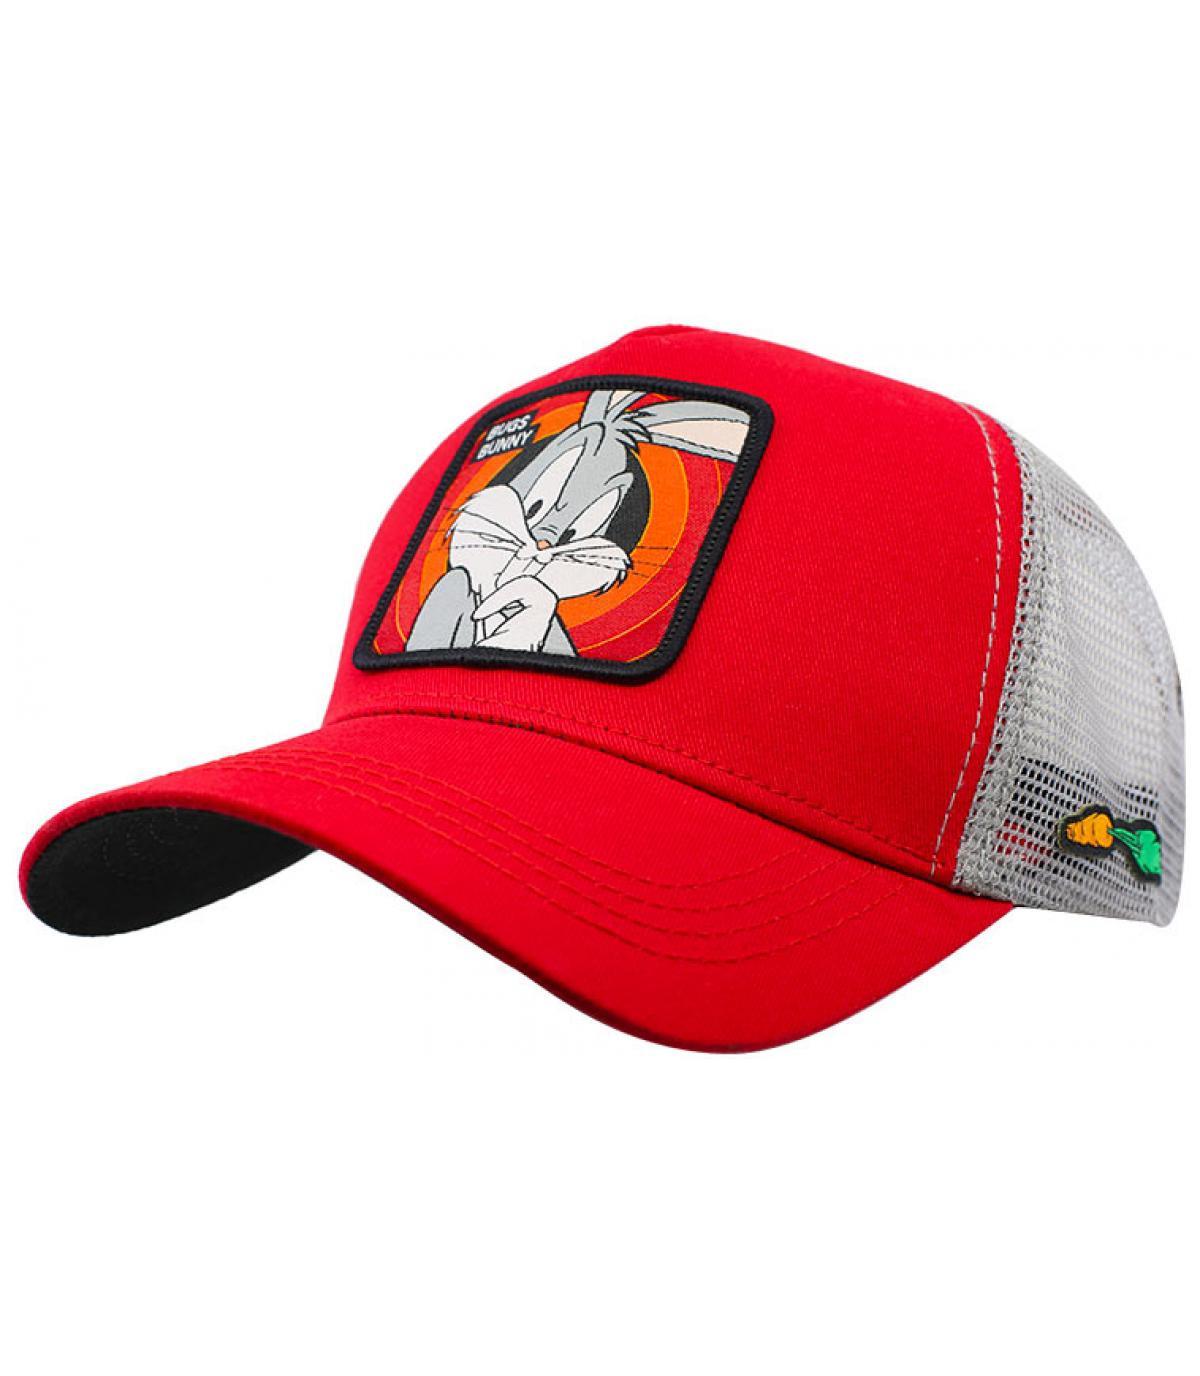 Details Trucker Bugs Bunny - afbeeling 2